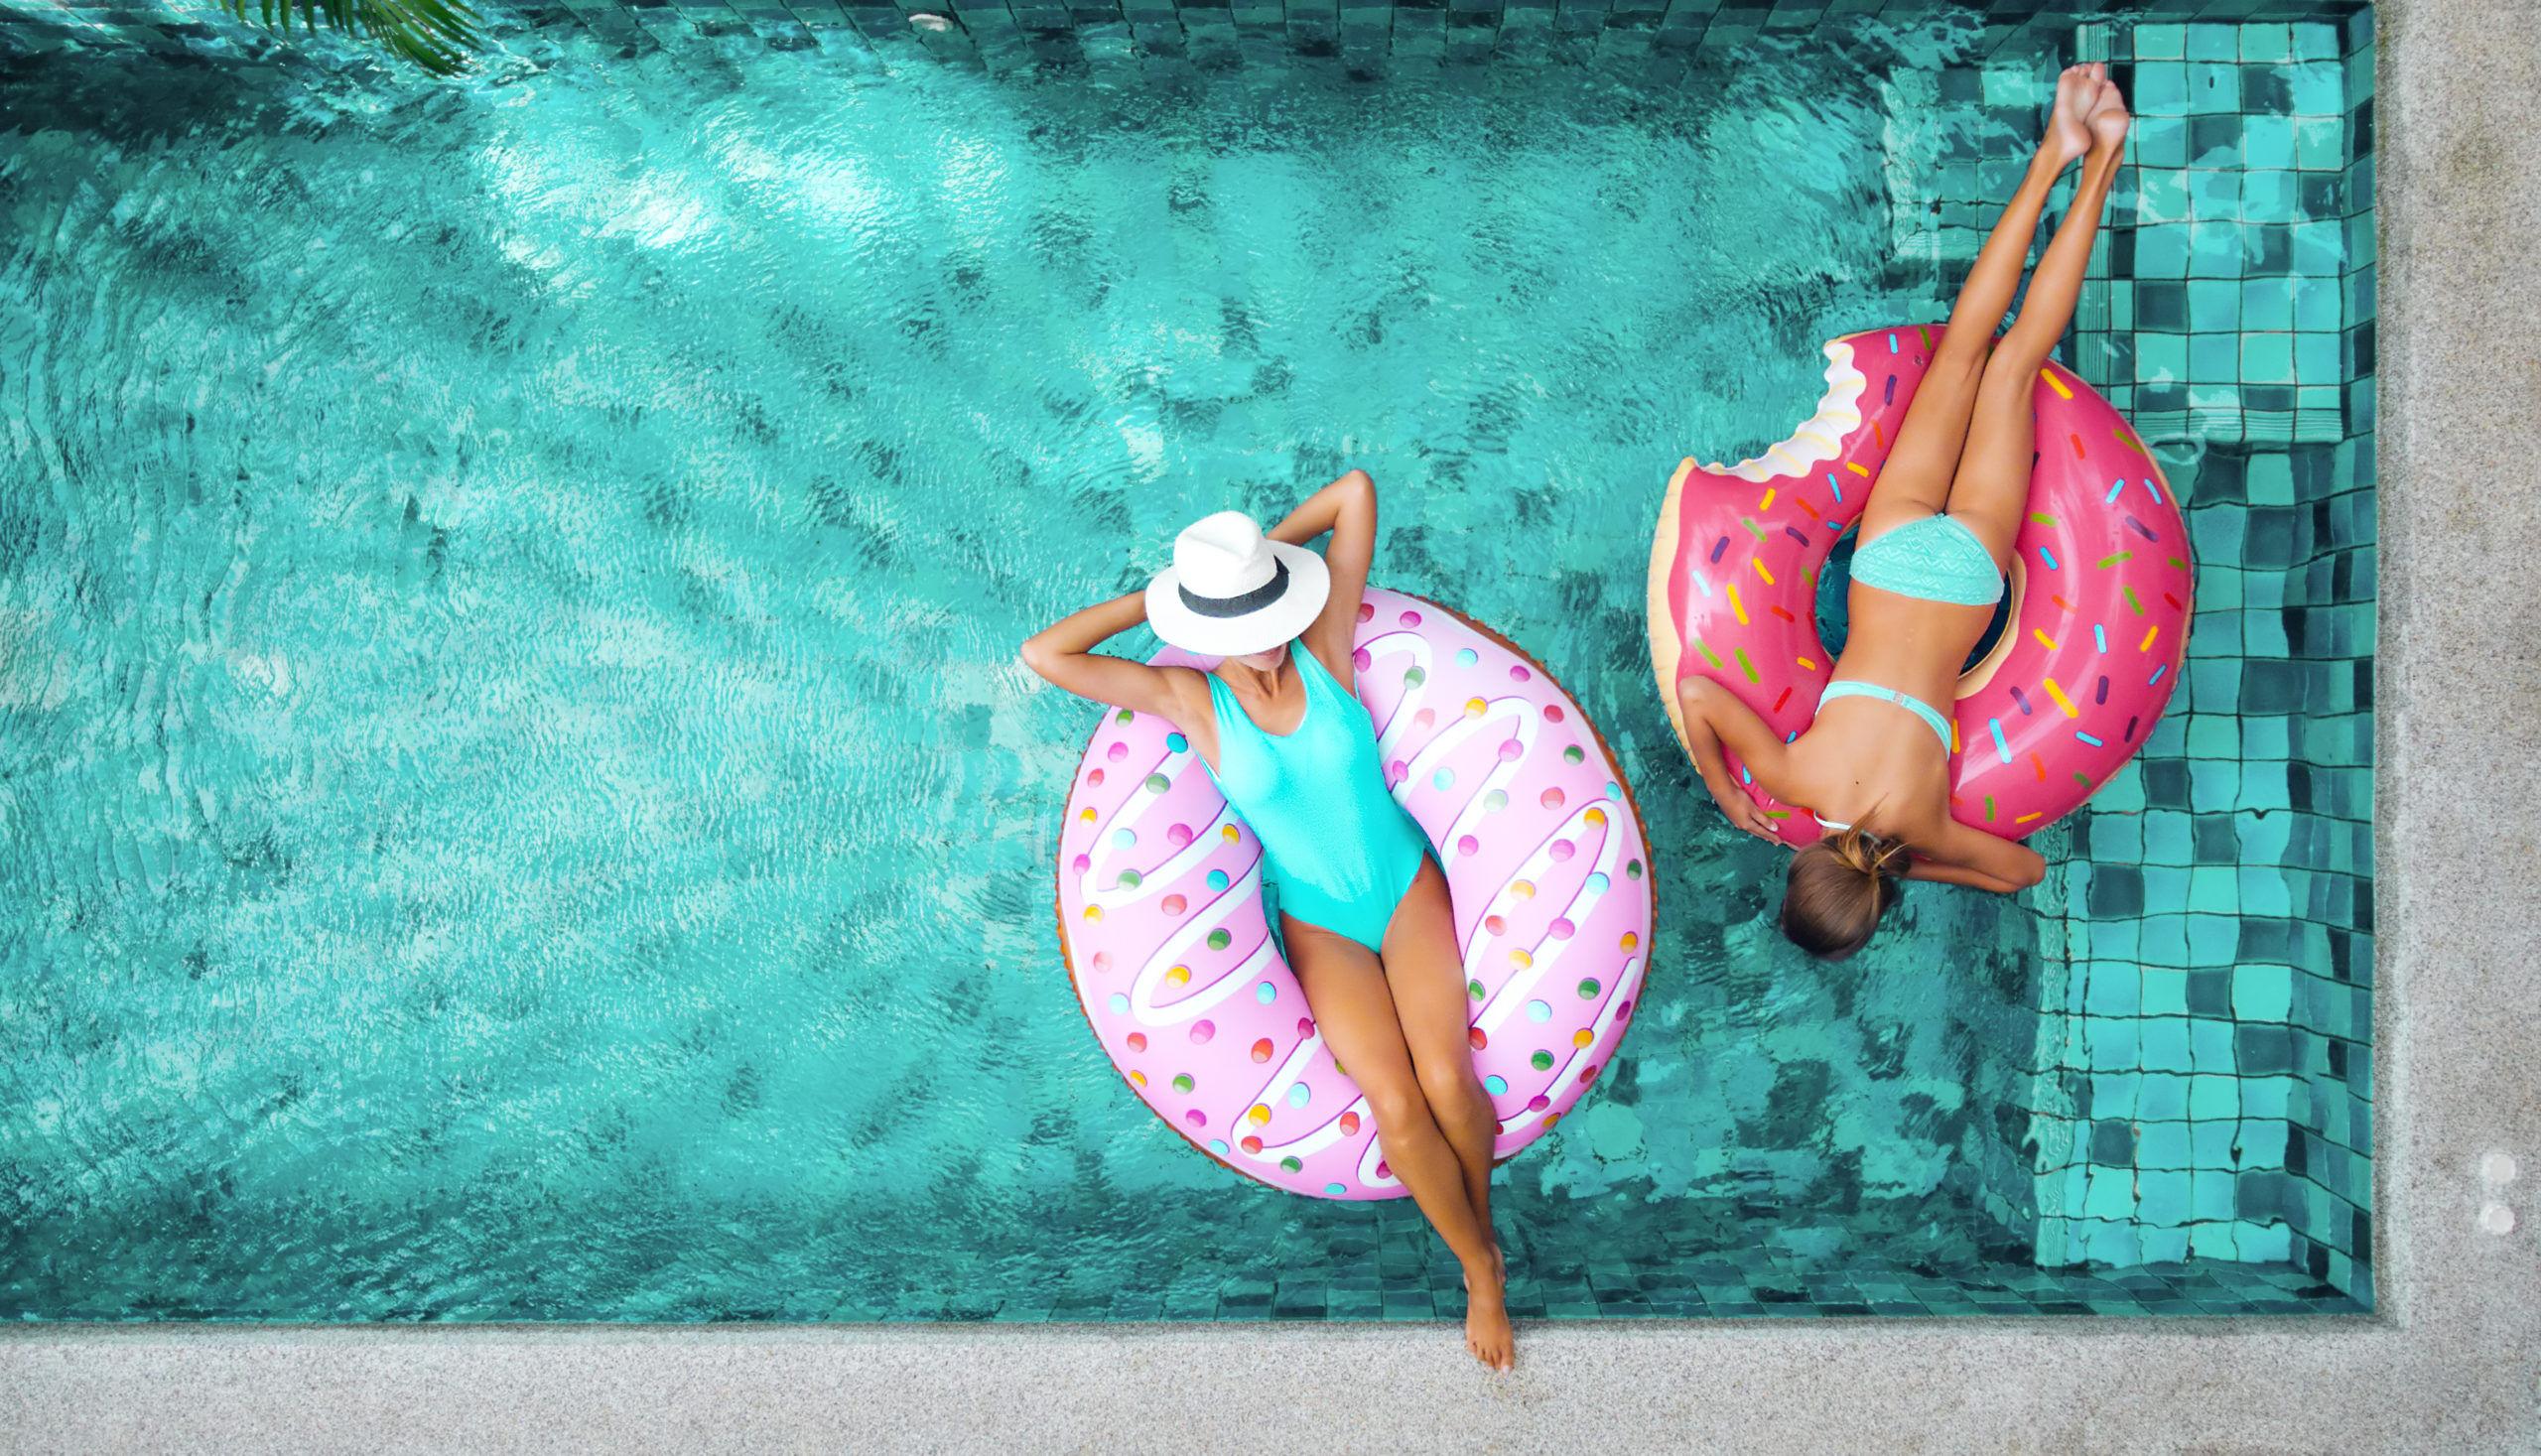 Installer une piscine ? le plaisir du bain en famille !